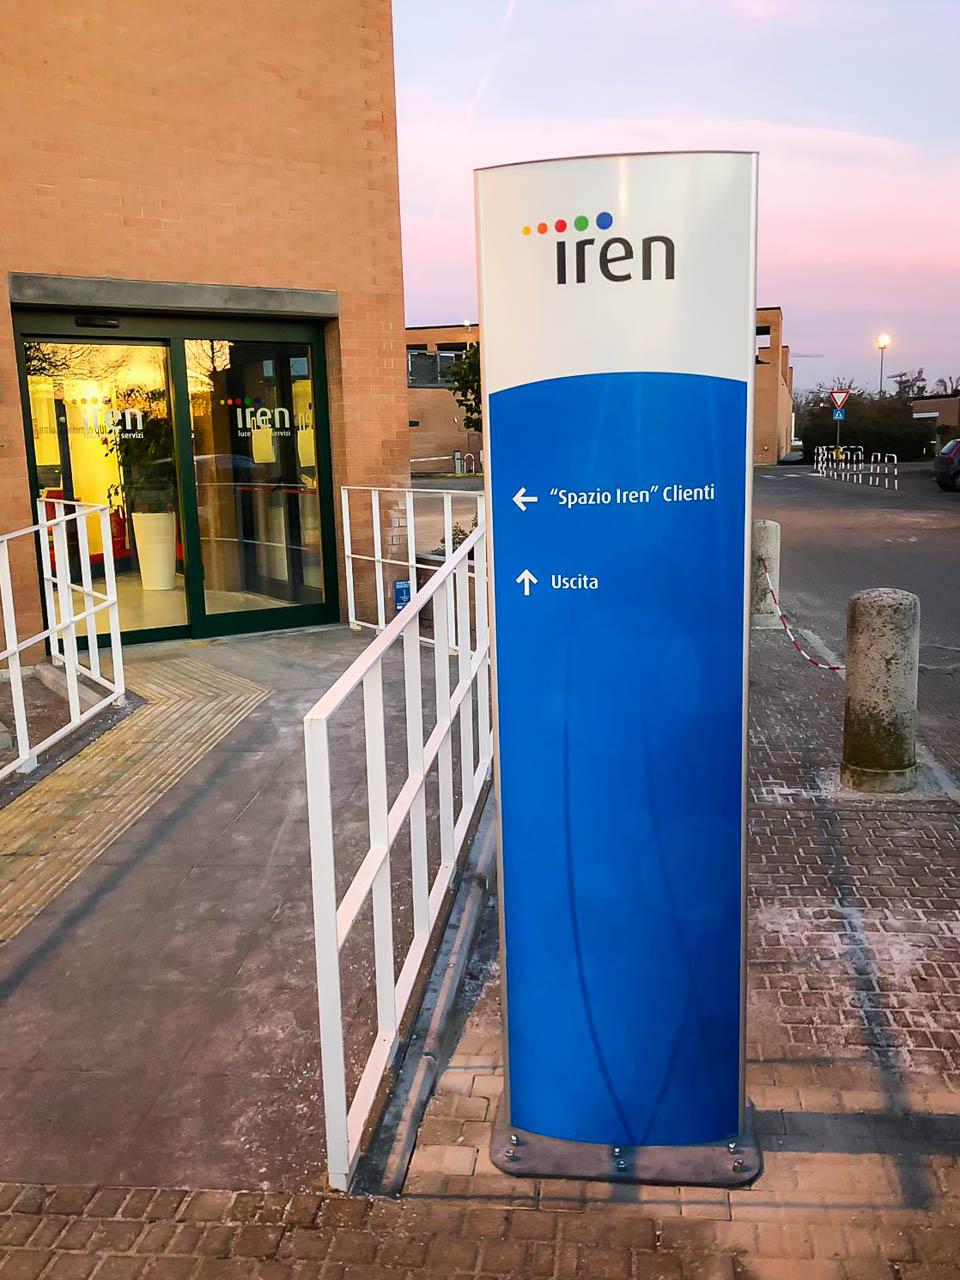 Segnaletica aziendale: Gruppo Iren sede di Parma - Apogeo